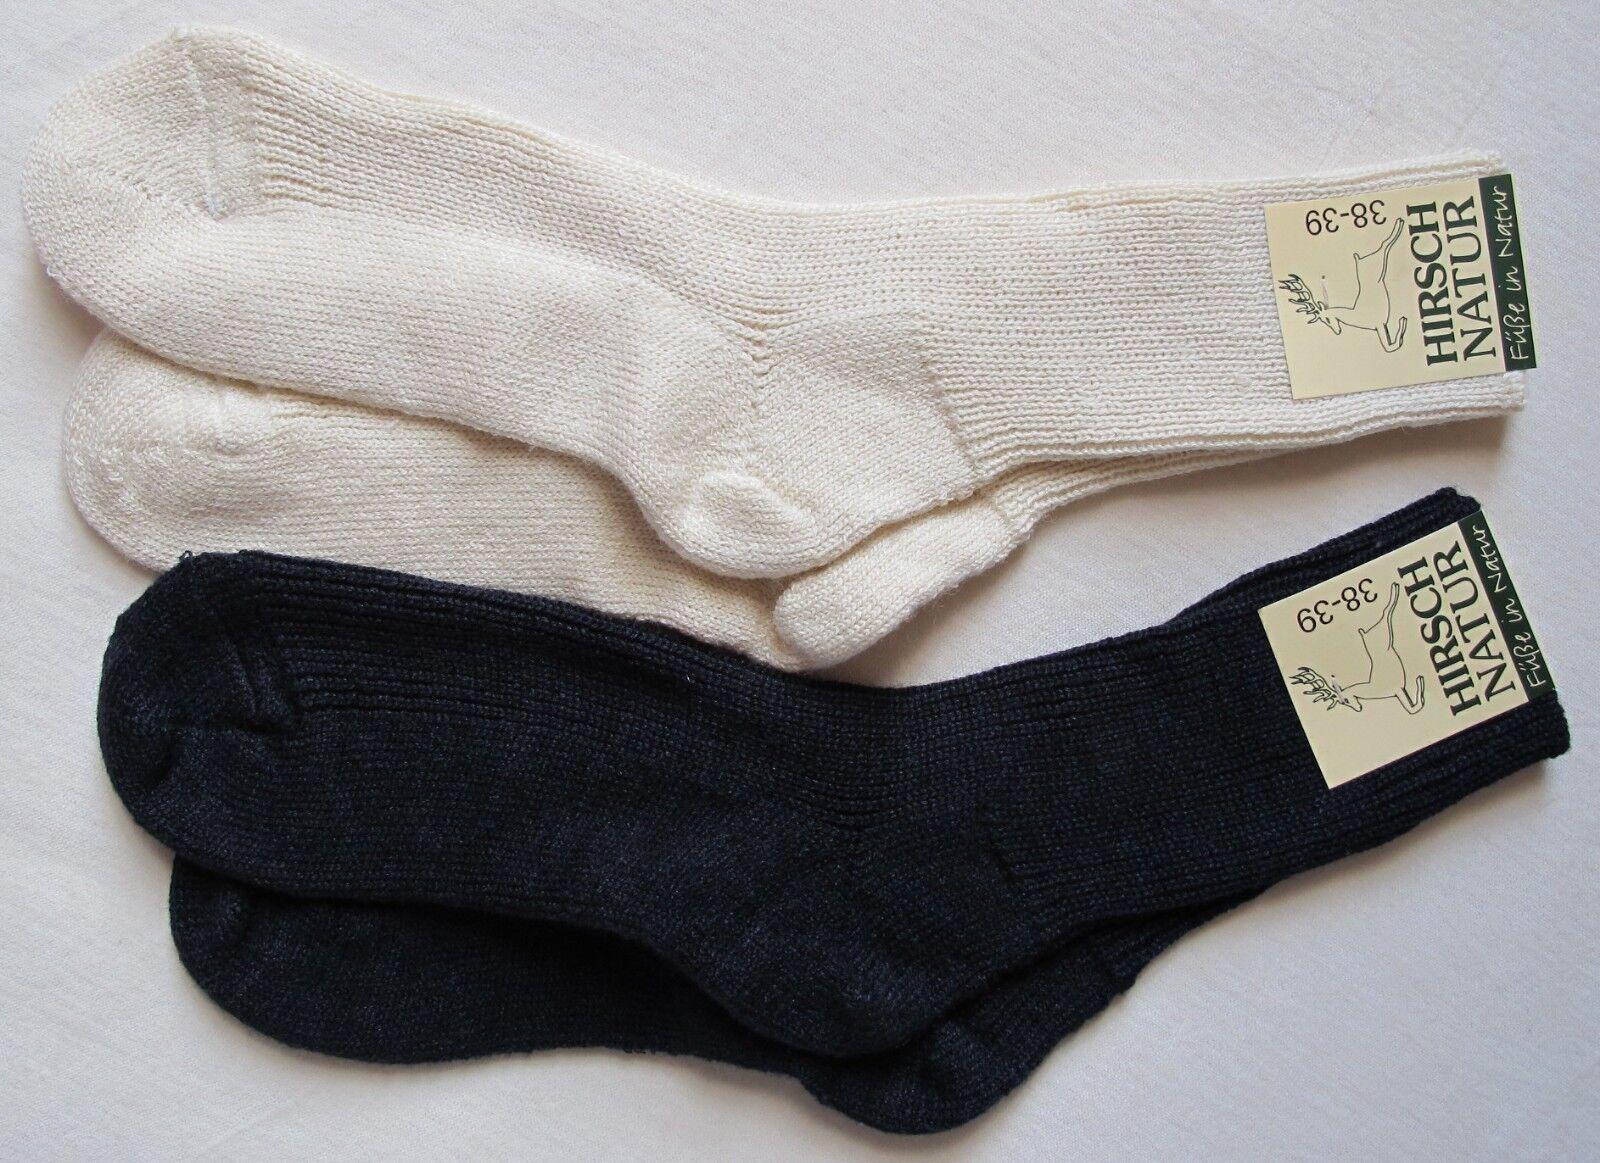 Hirsch Natur Wolle Seide Socken mit Plüschsohle Schurwolle Natursocken wool silk